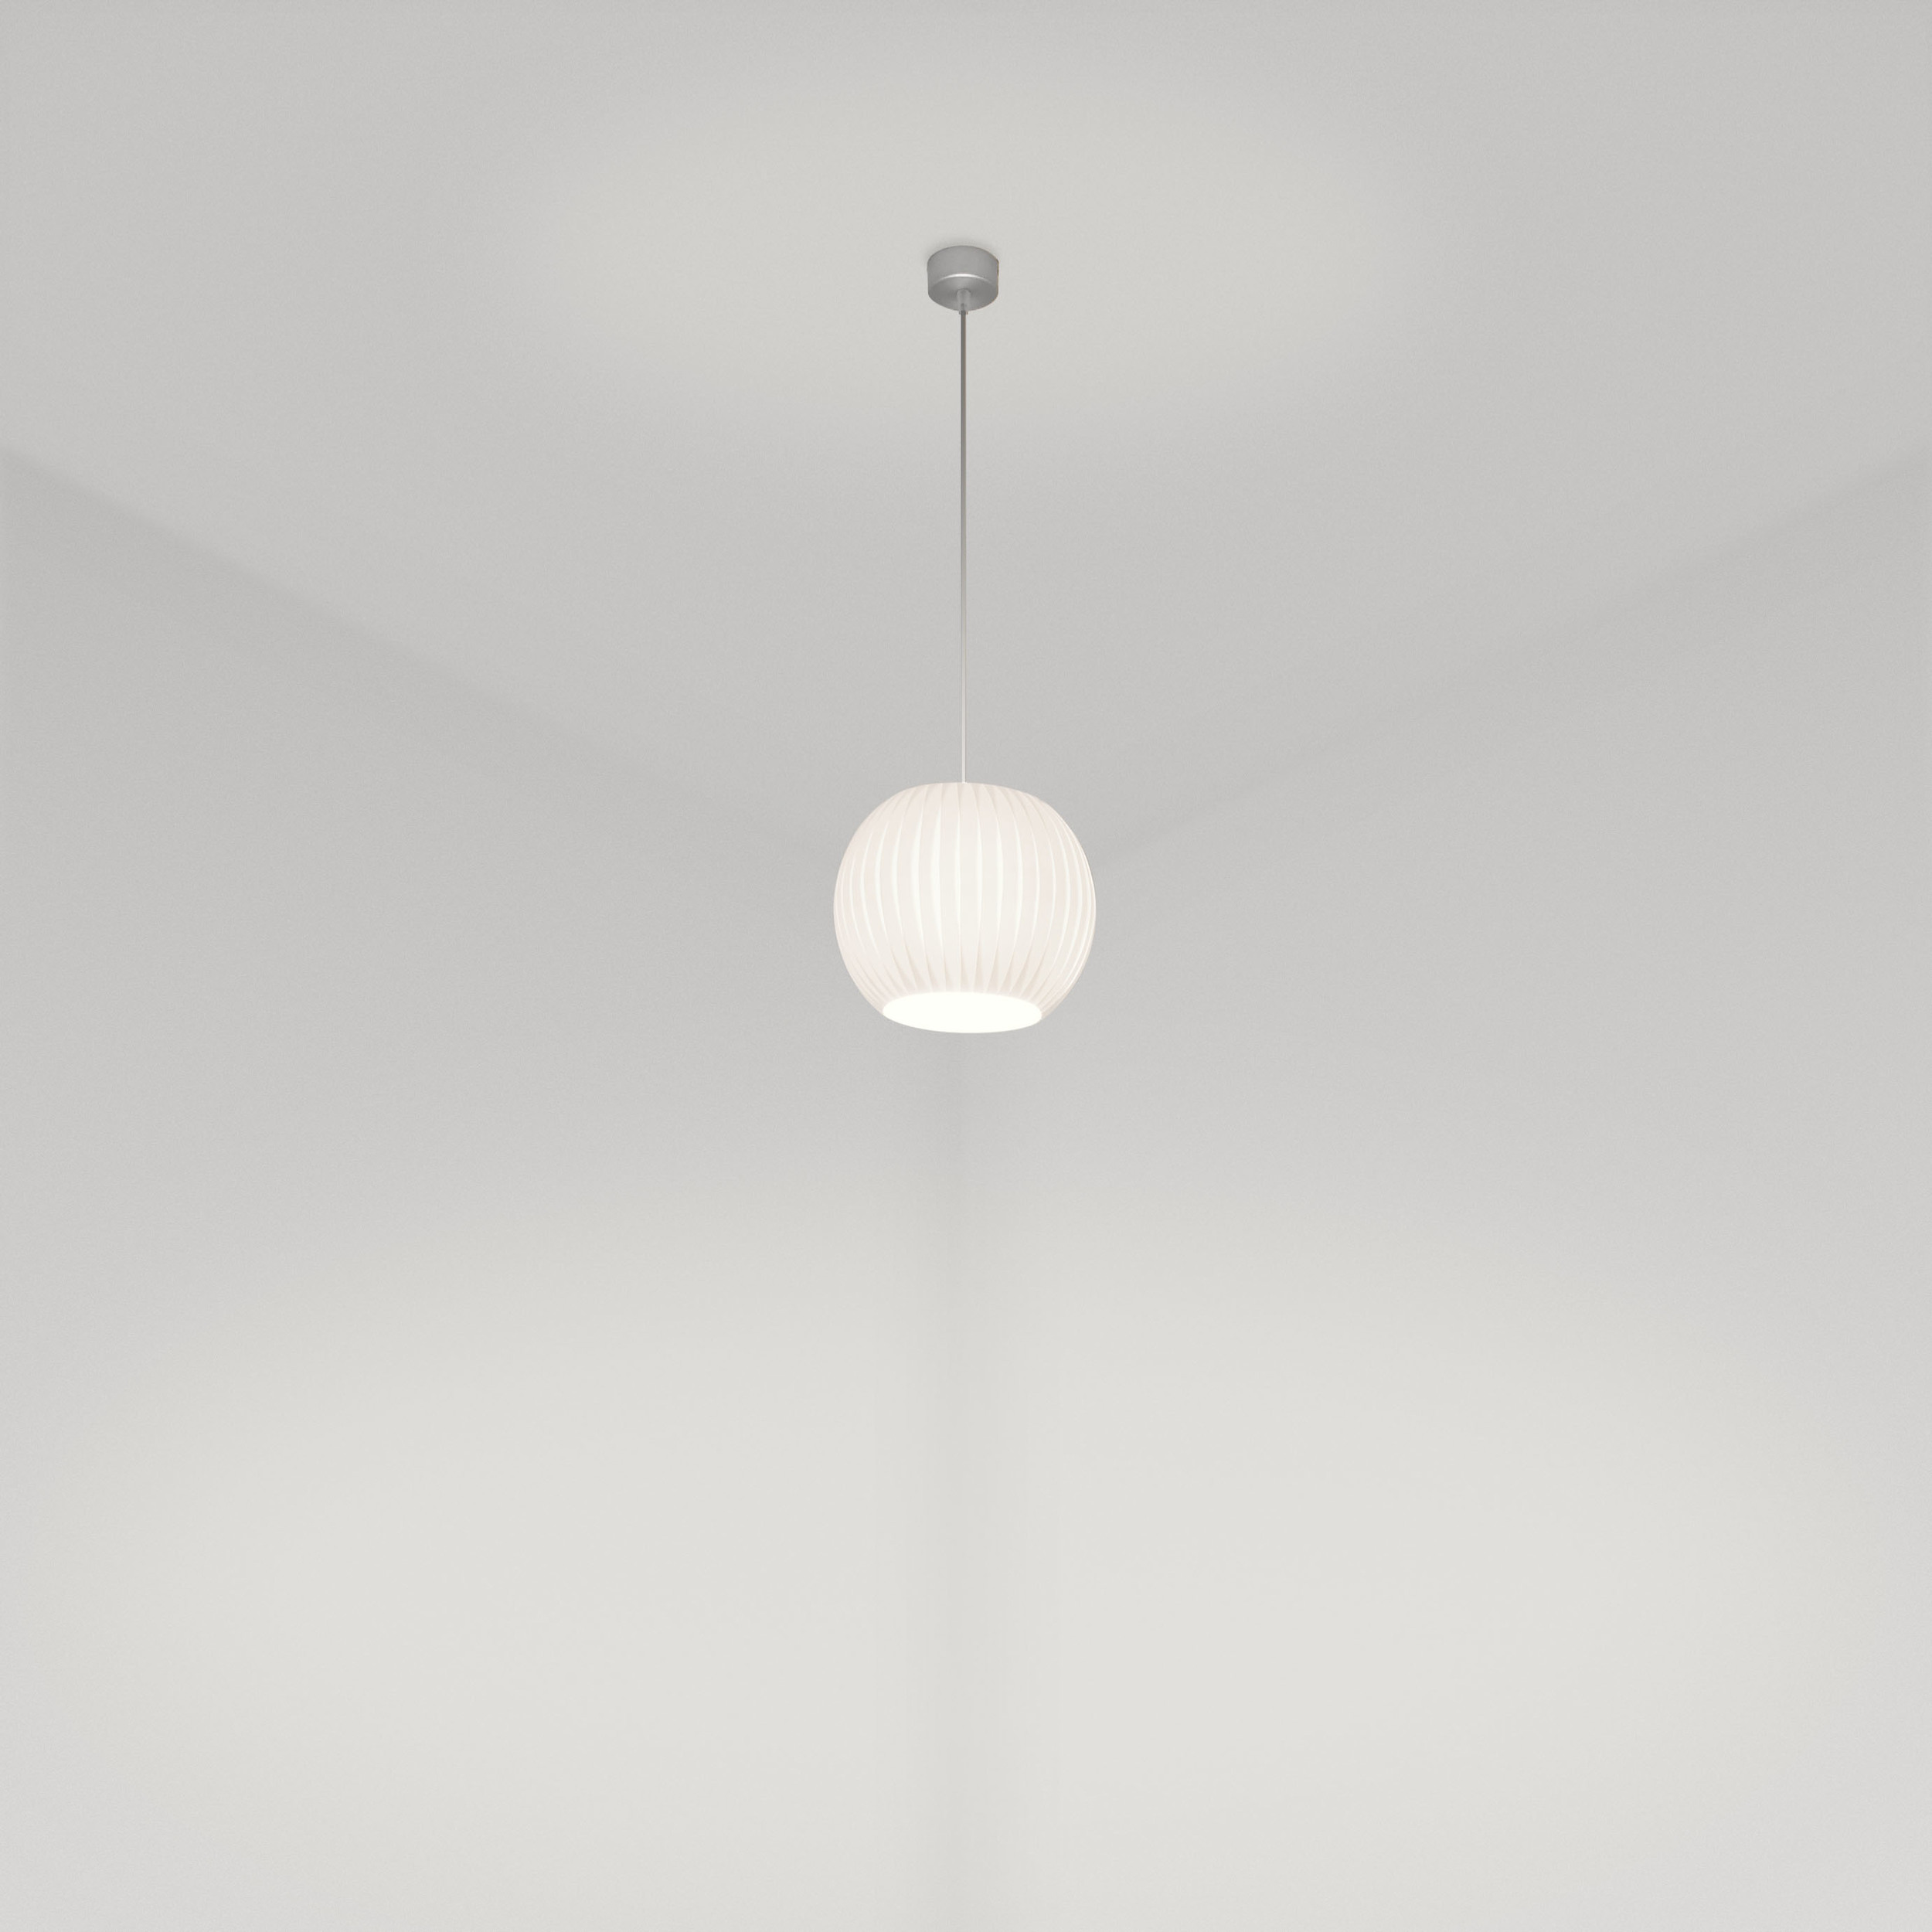 Orbit 300 Pendant in white